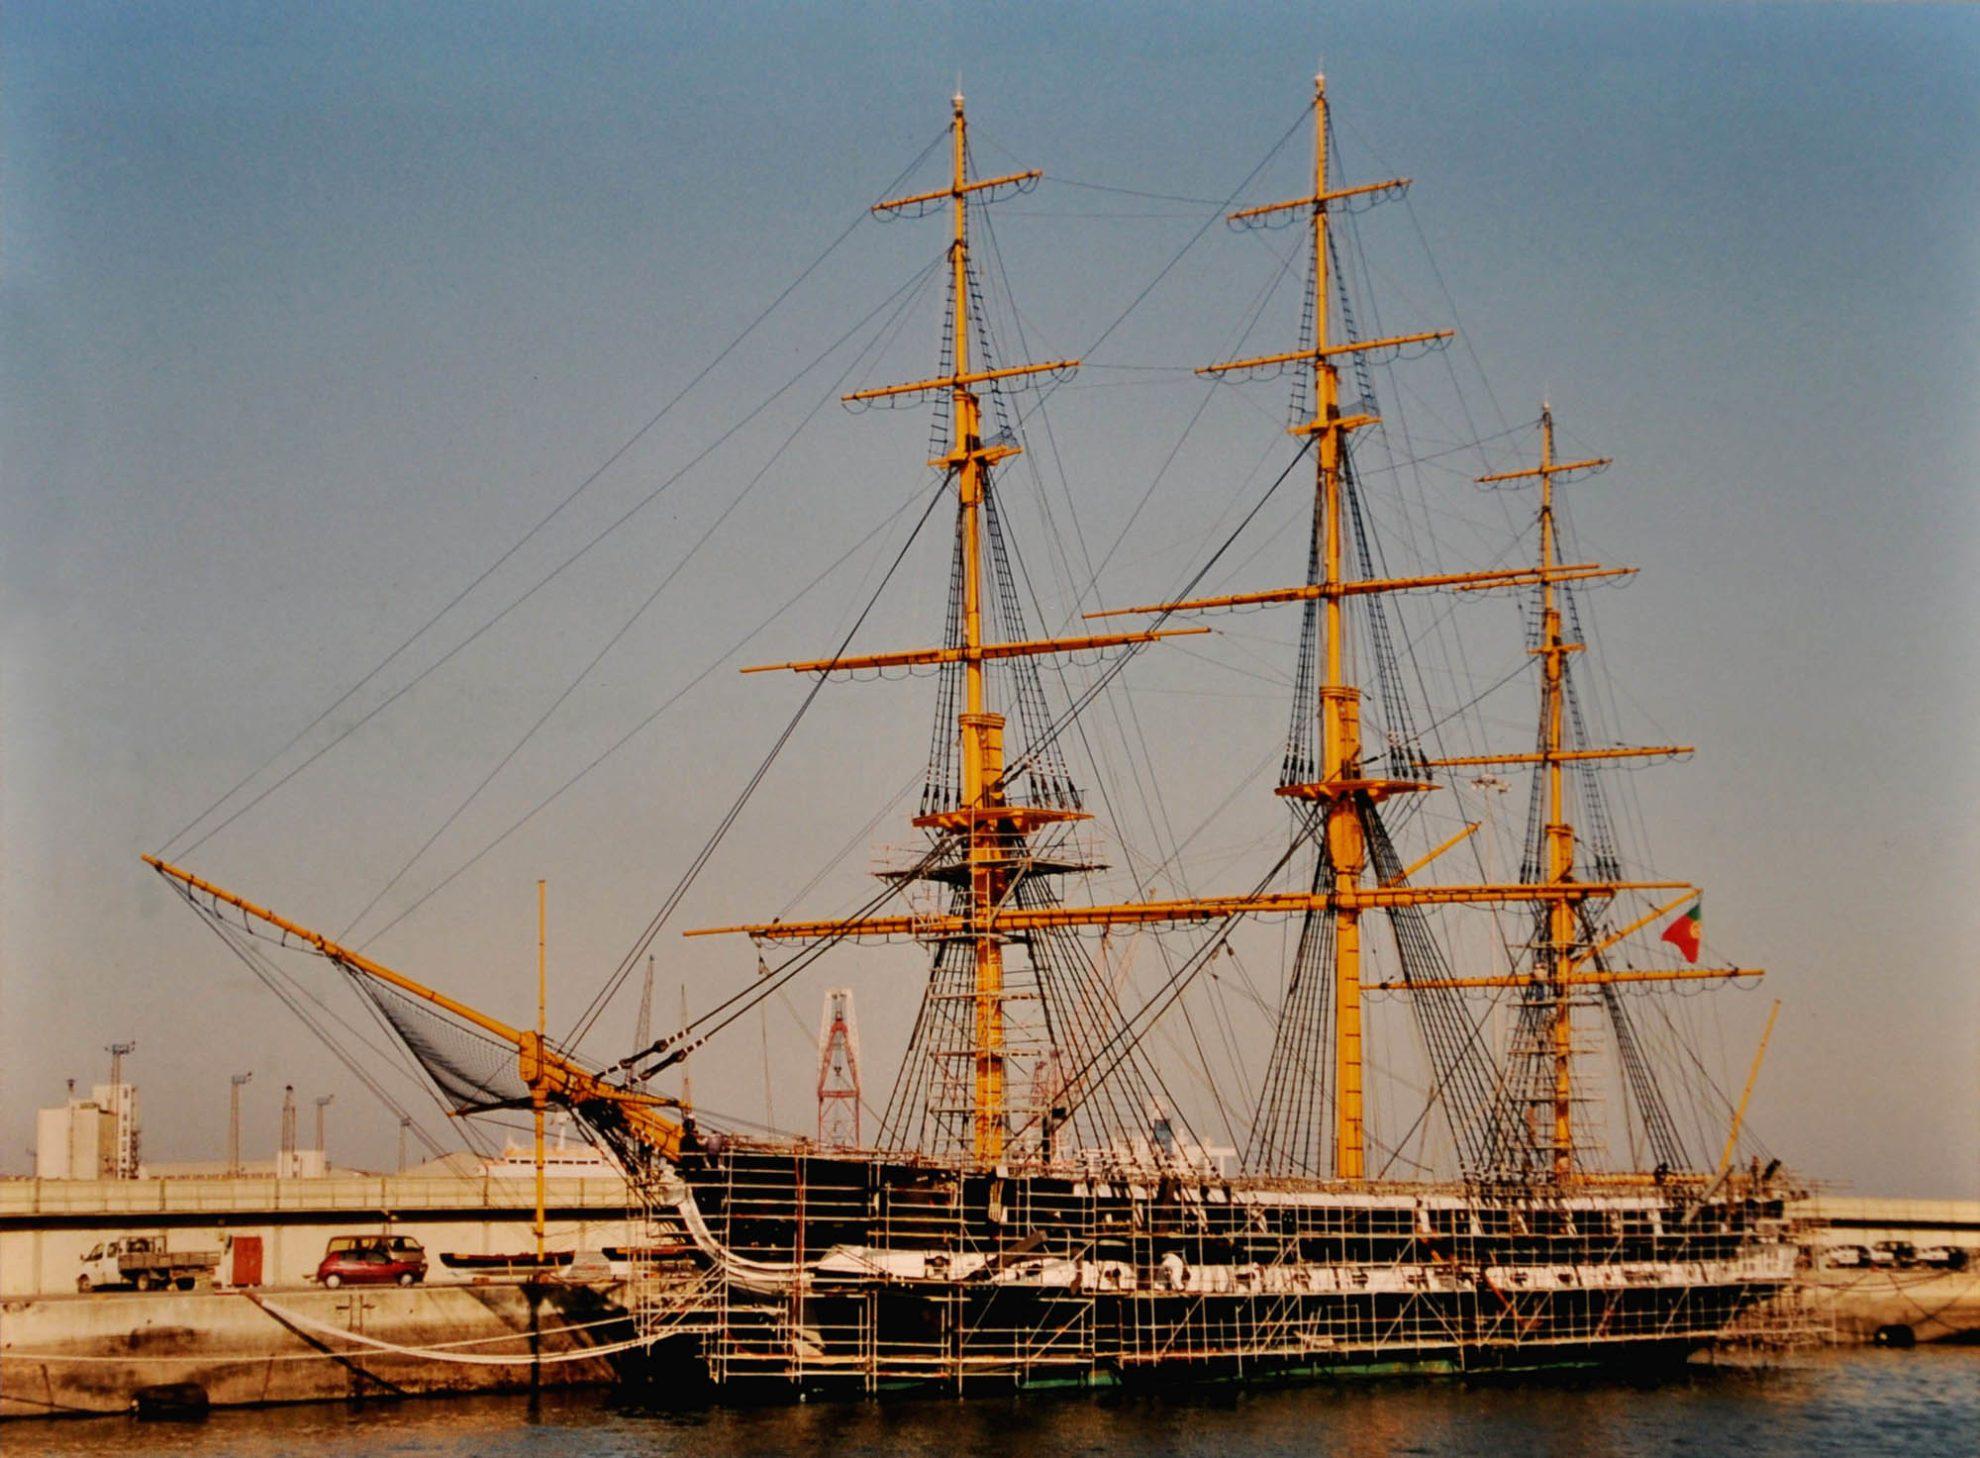 Заключительный этап восстановительных работ на фрегате «Дон Фернанду II э Глория». Фото в экспозиции на борту корабля-музея.